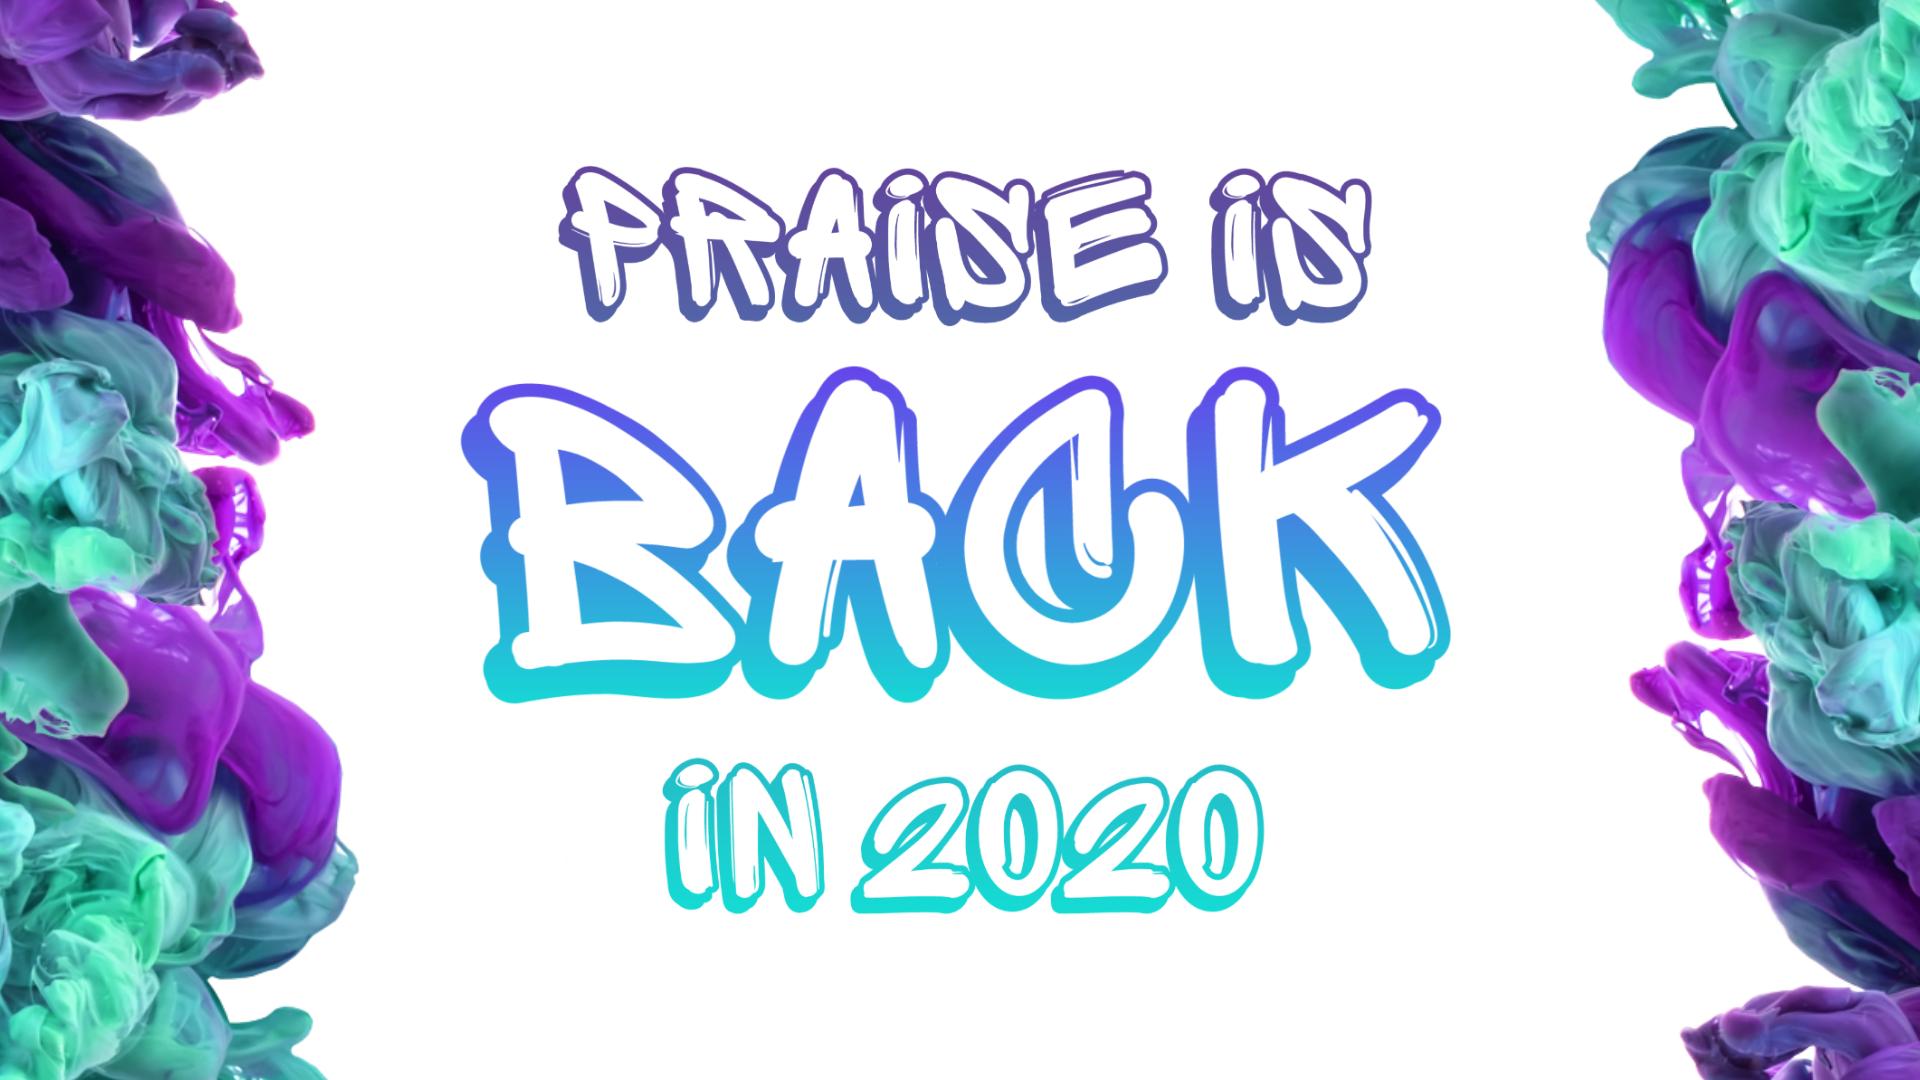 Praise is Back in 2020